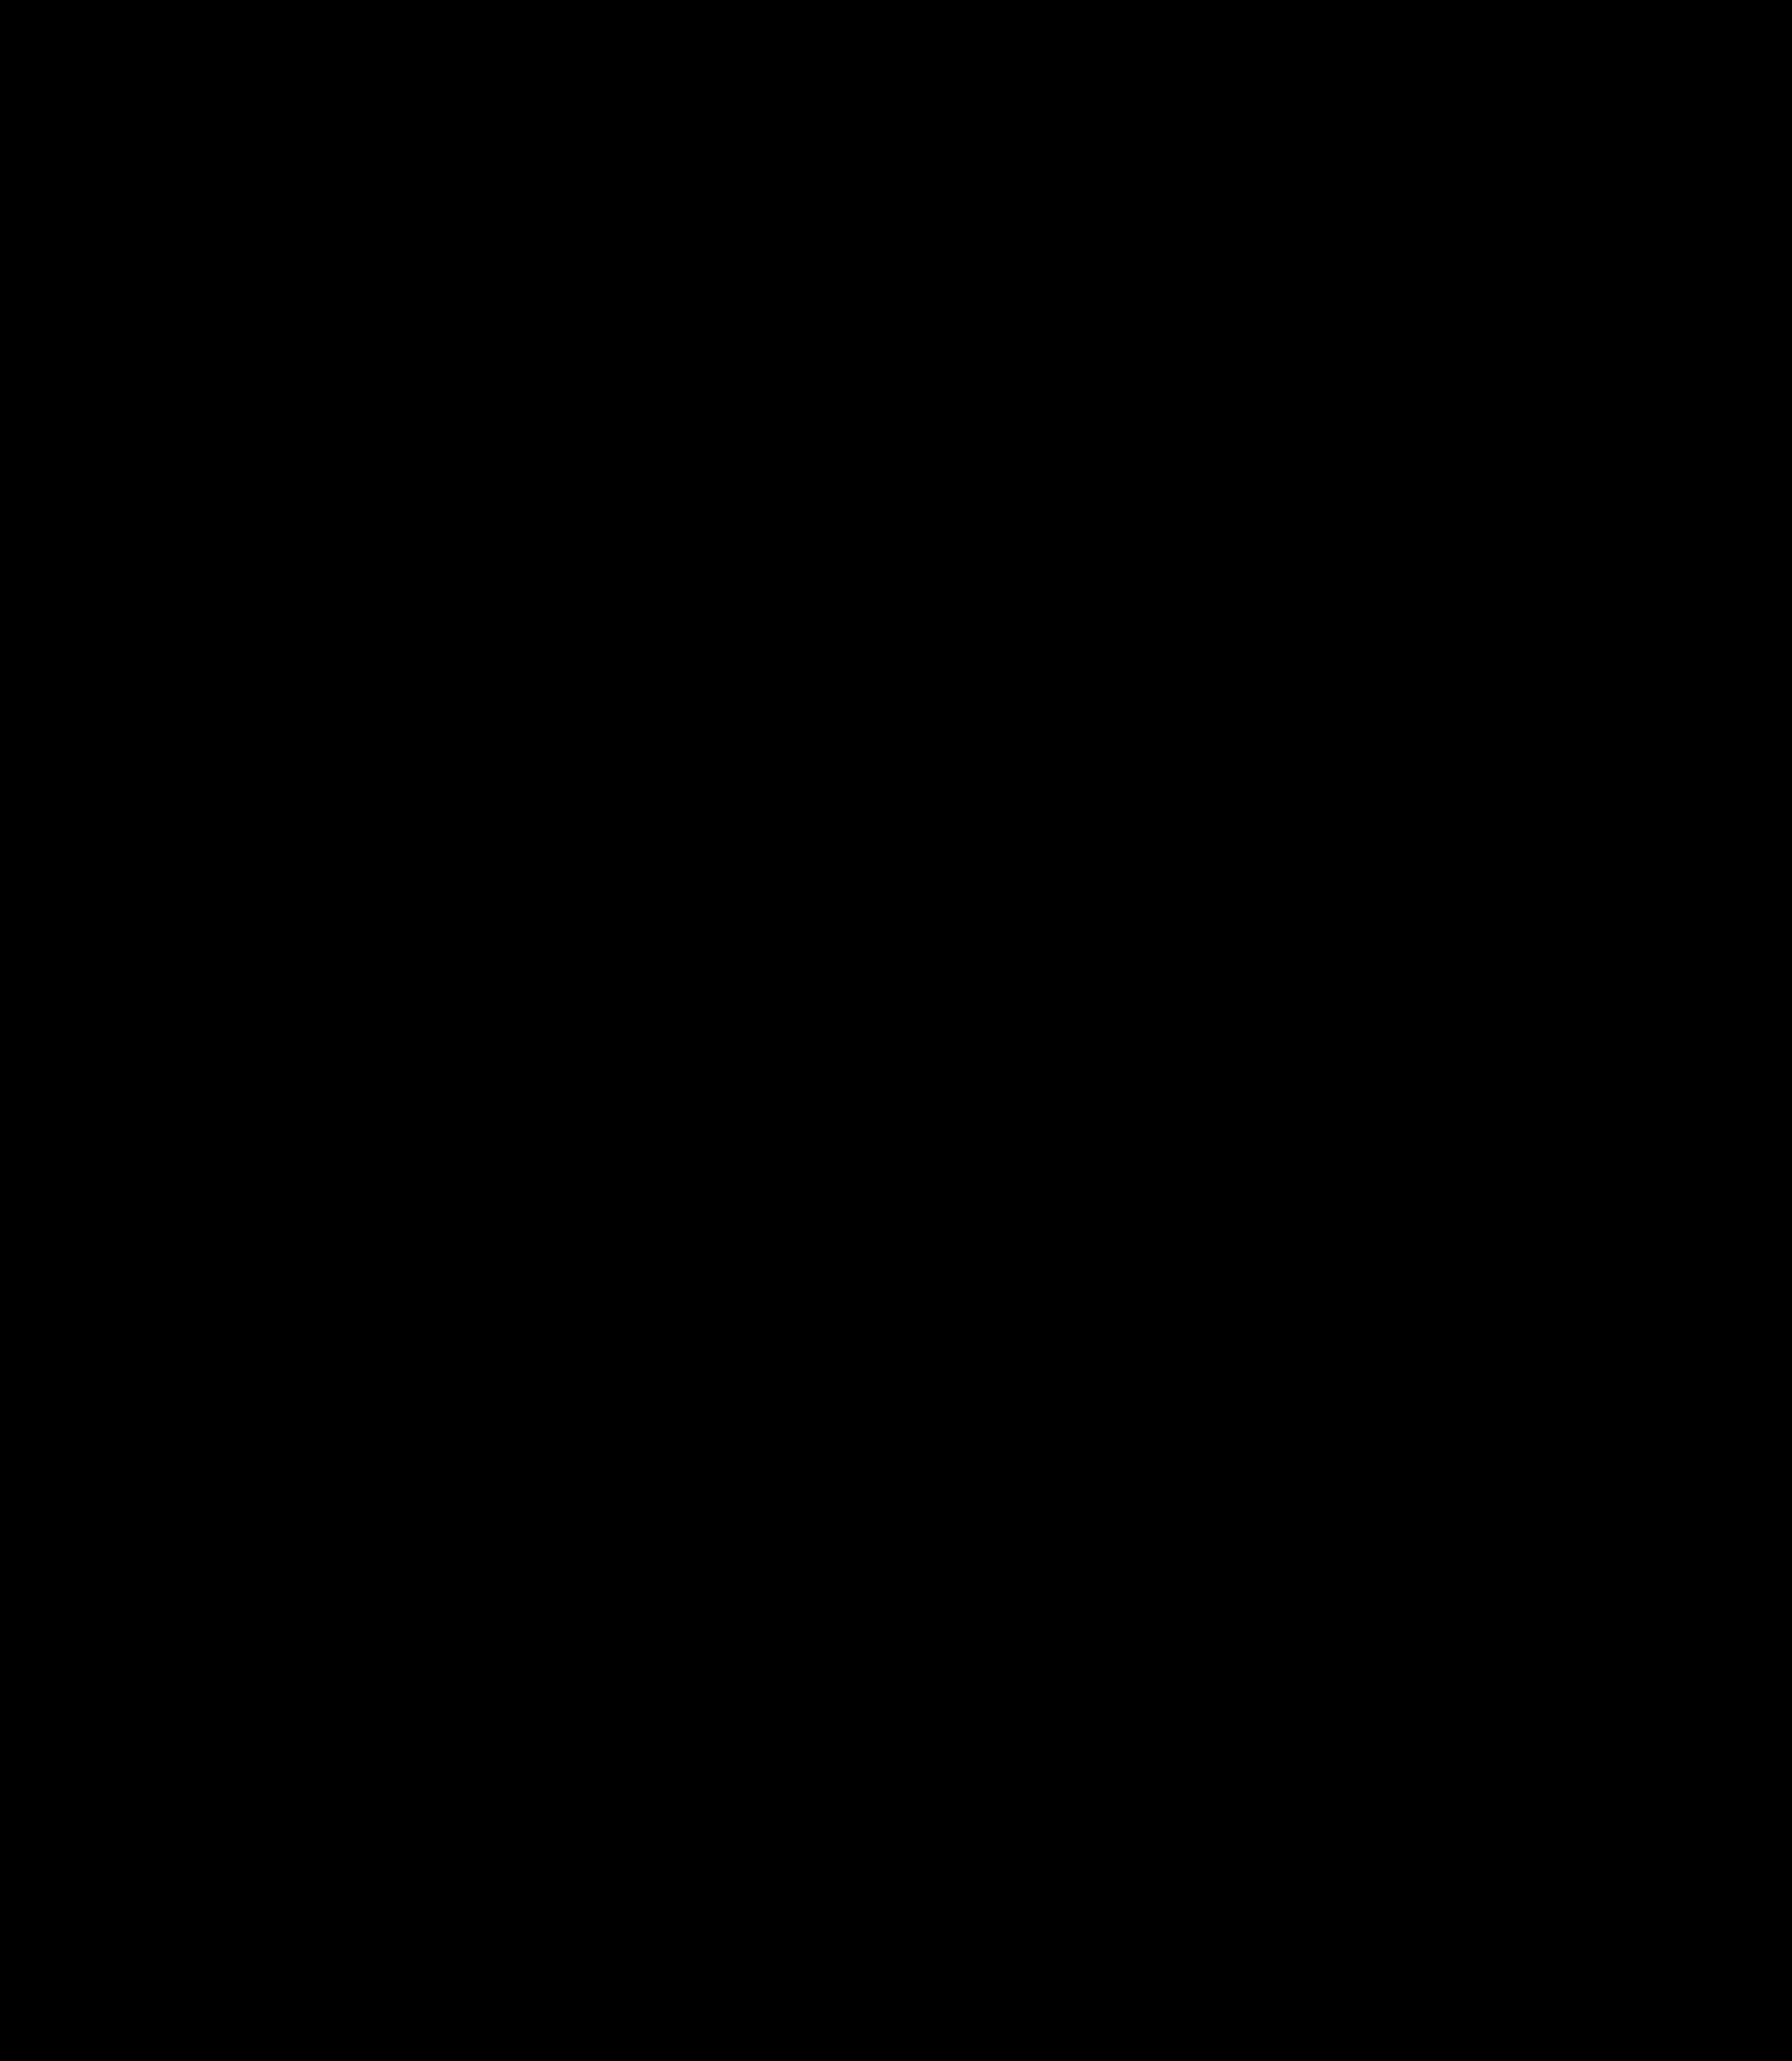 画像 - walt disney pictures castle logo | disney wiki | fandom